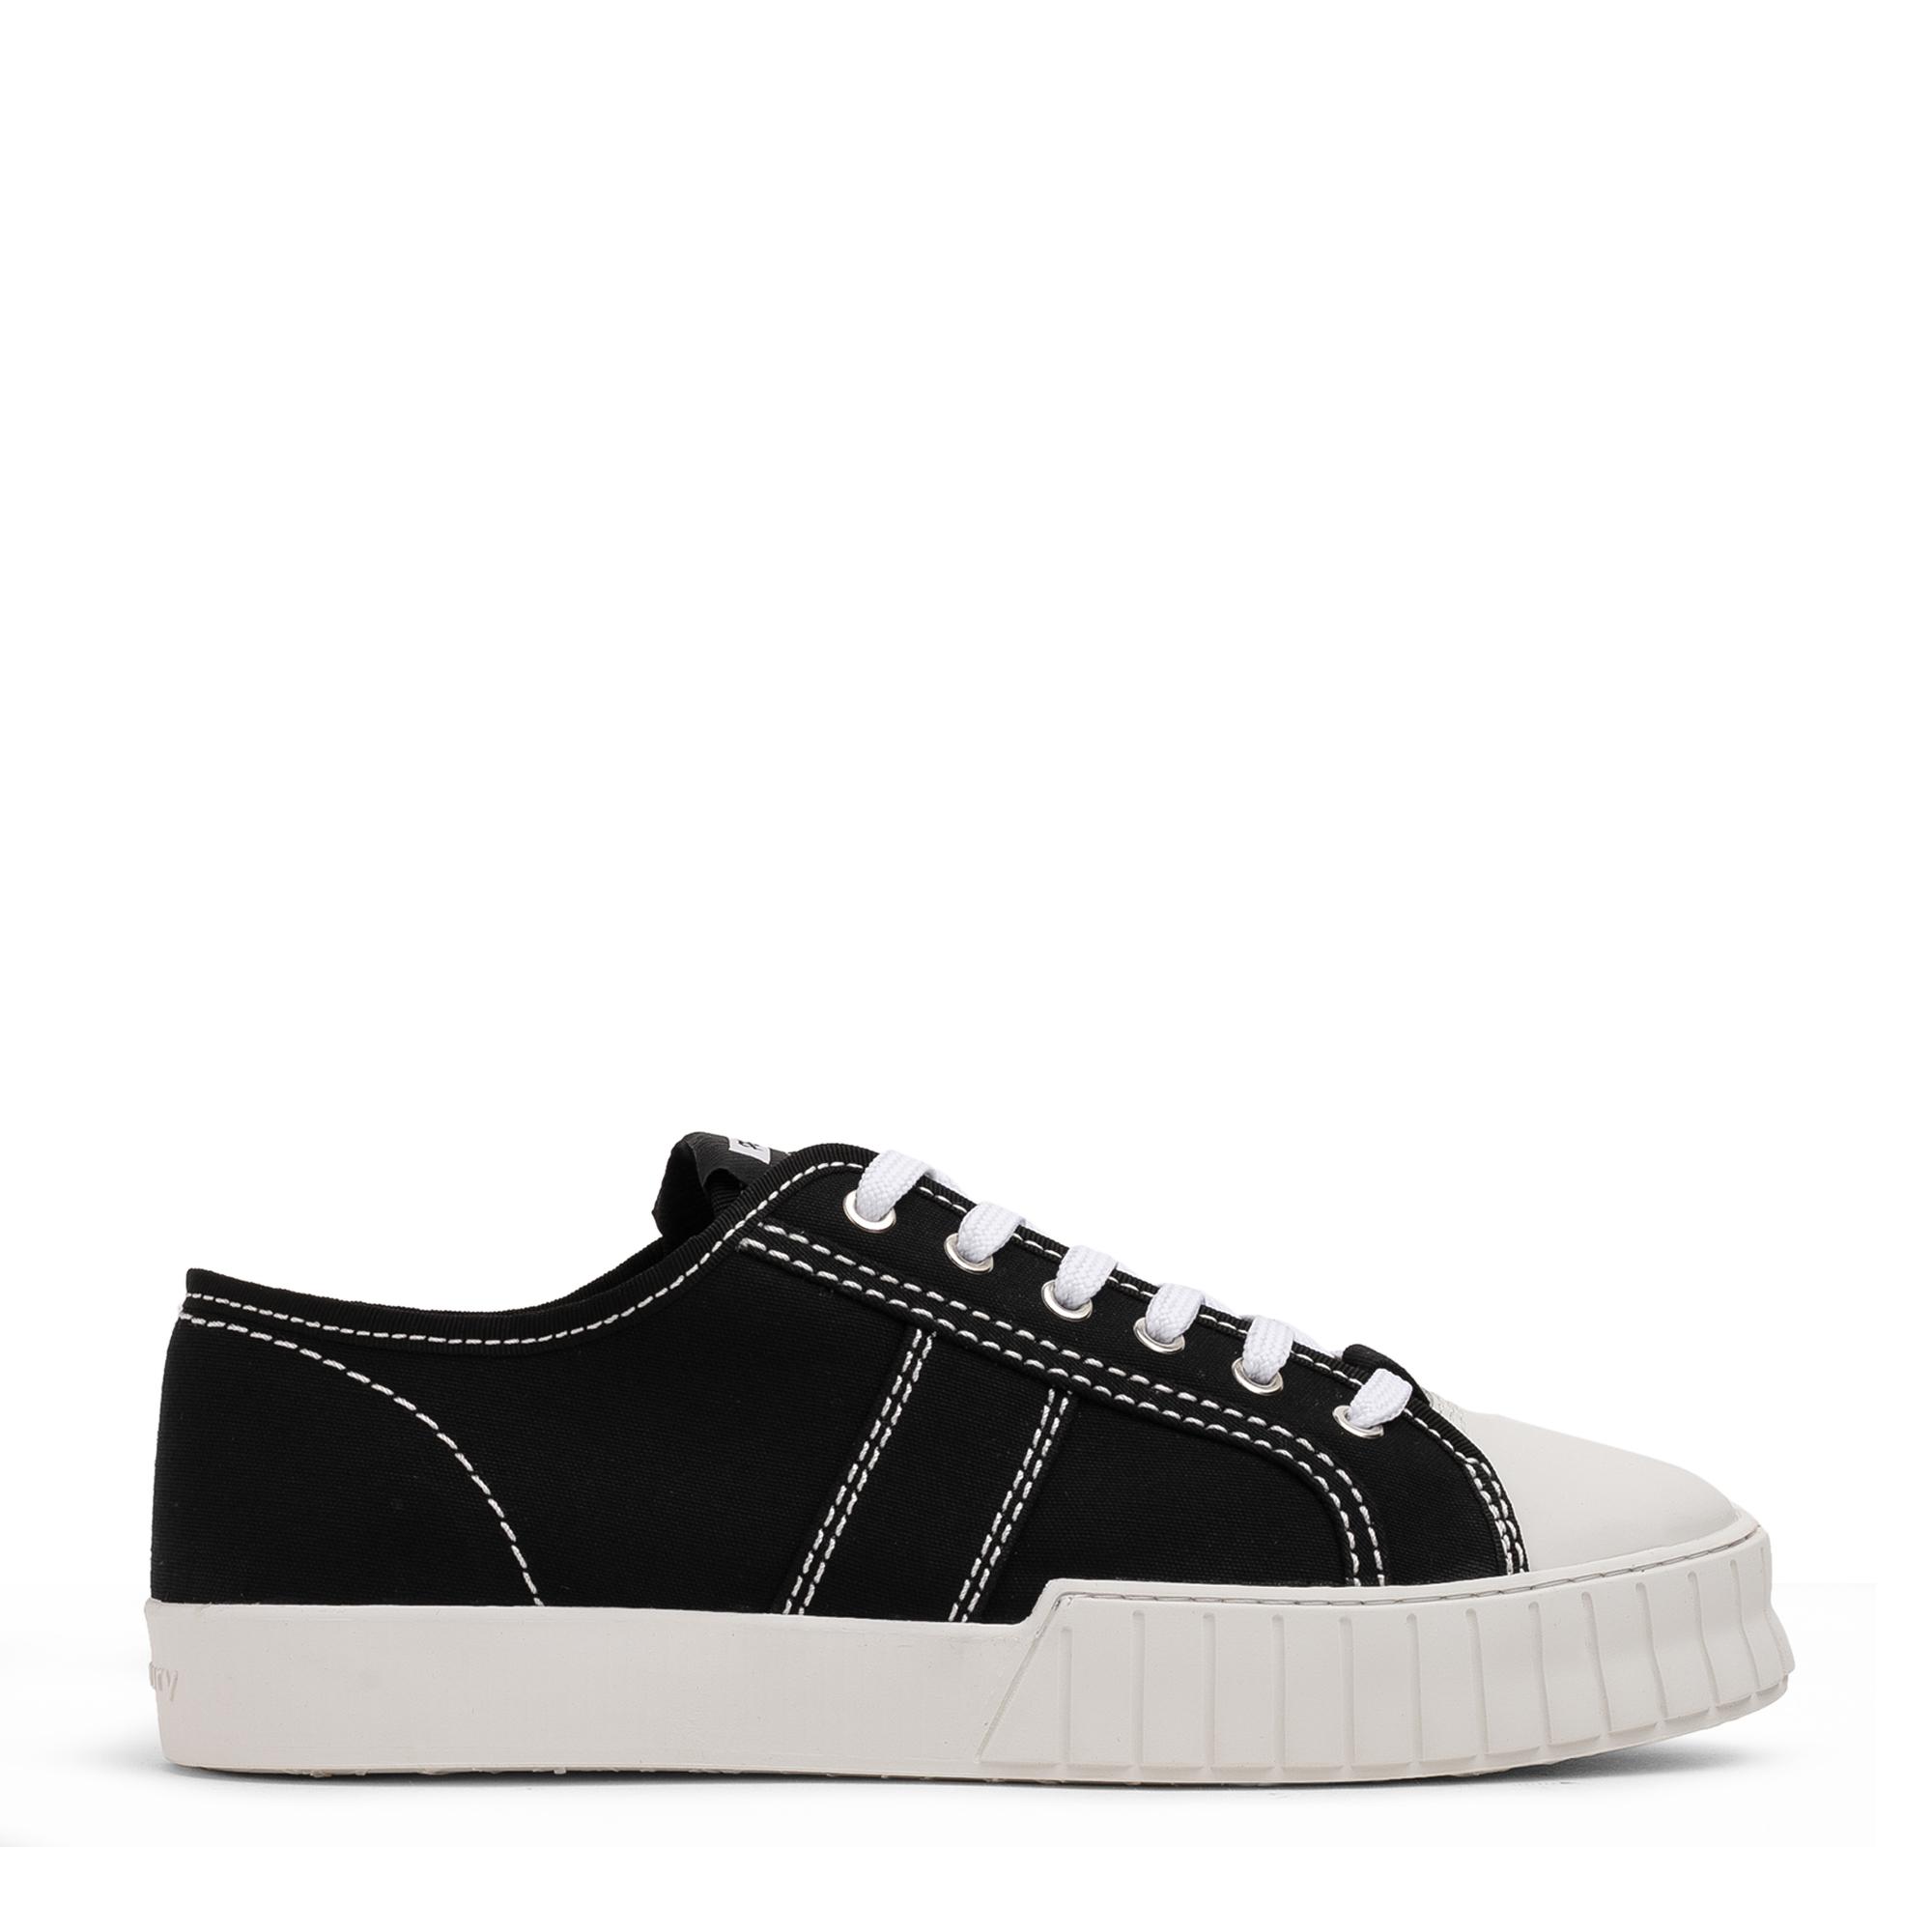 Divid sneakers